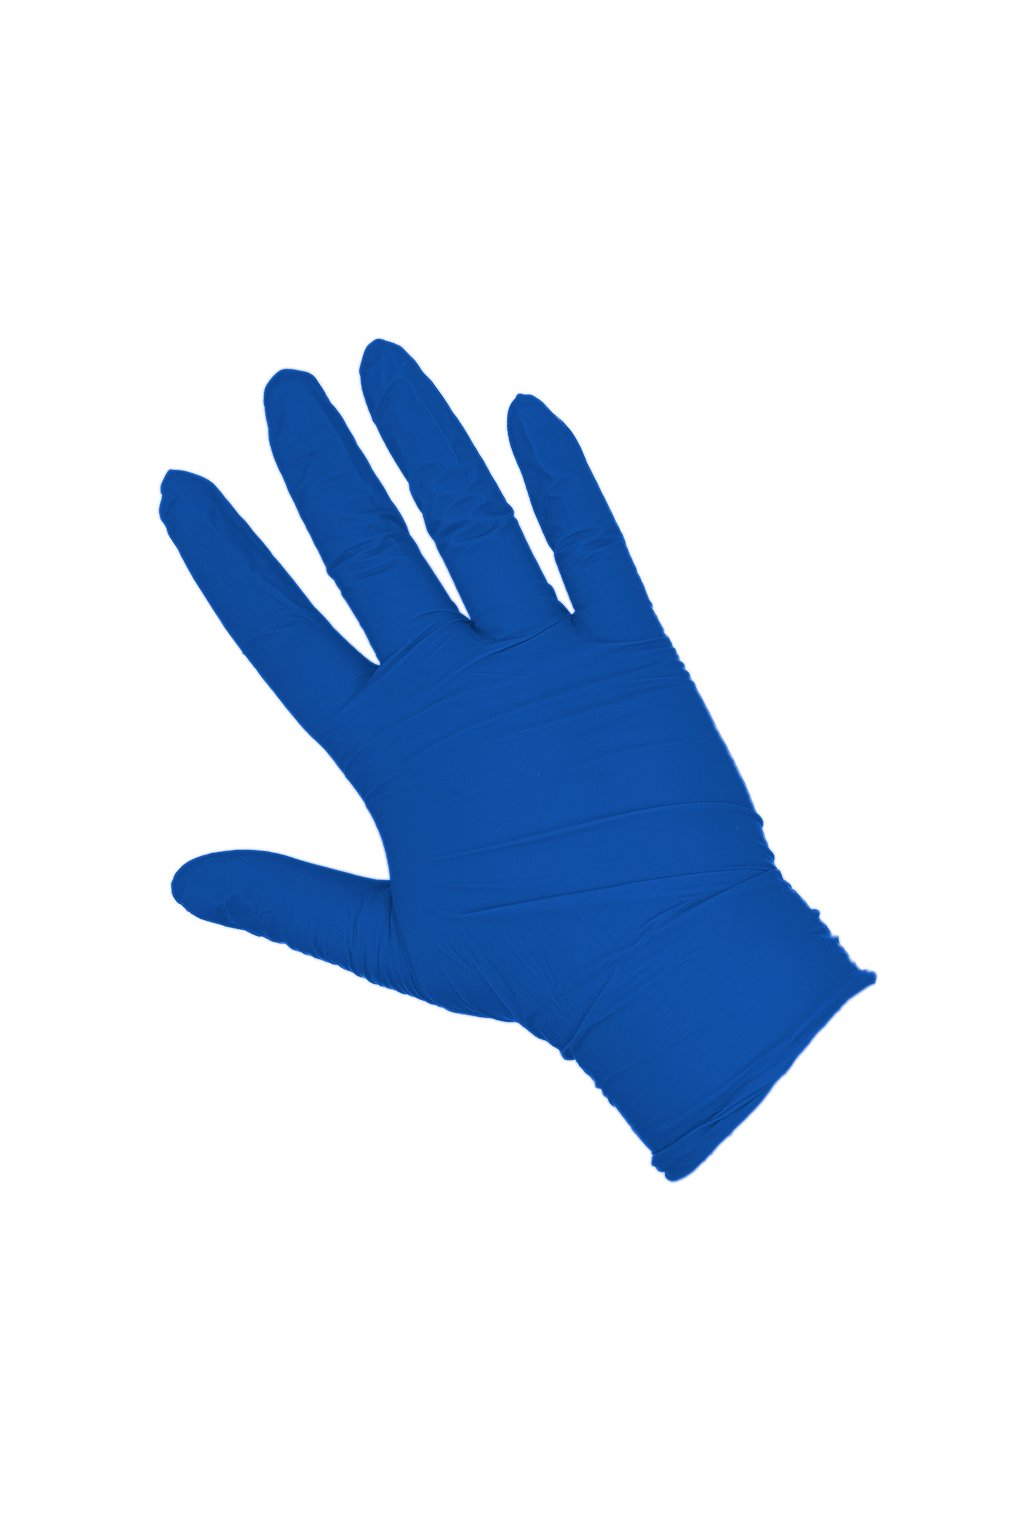 Rukavice Classic Modré 200ks náhled